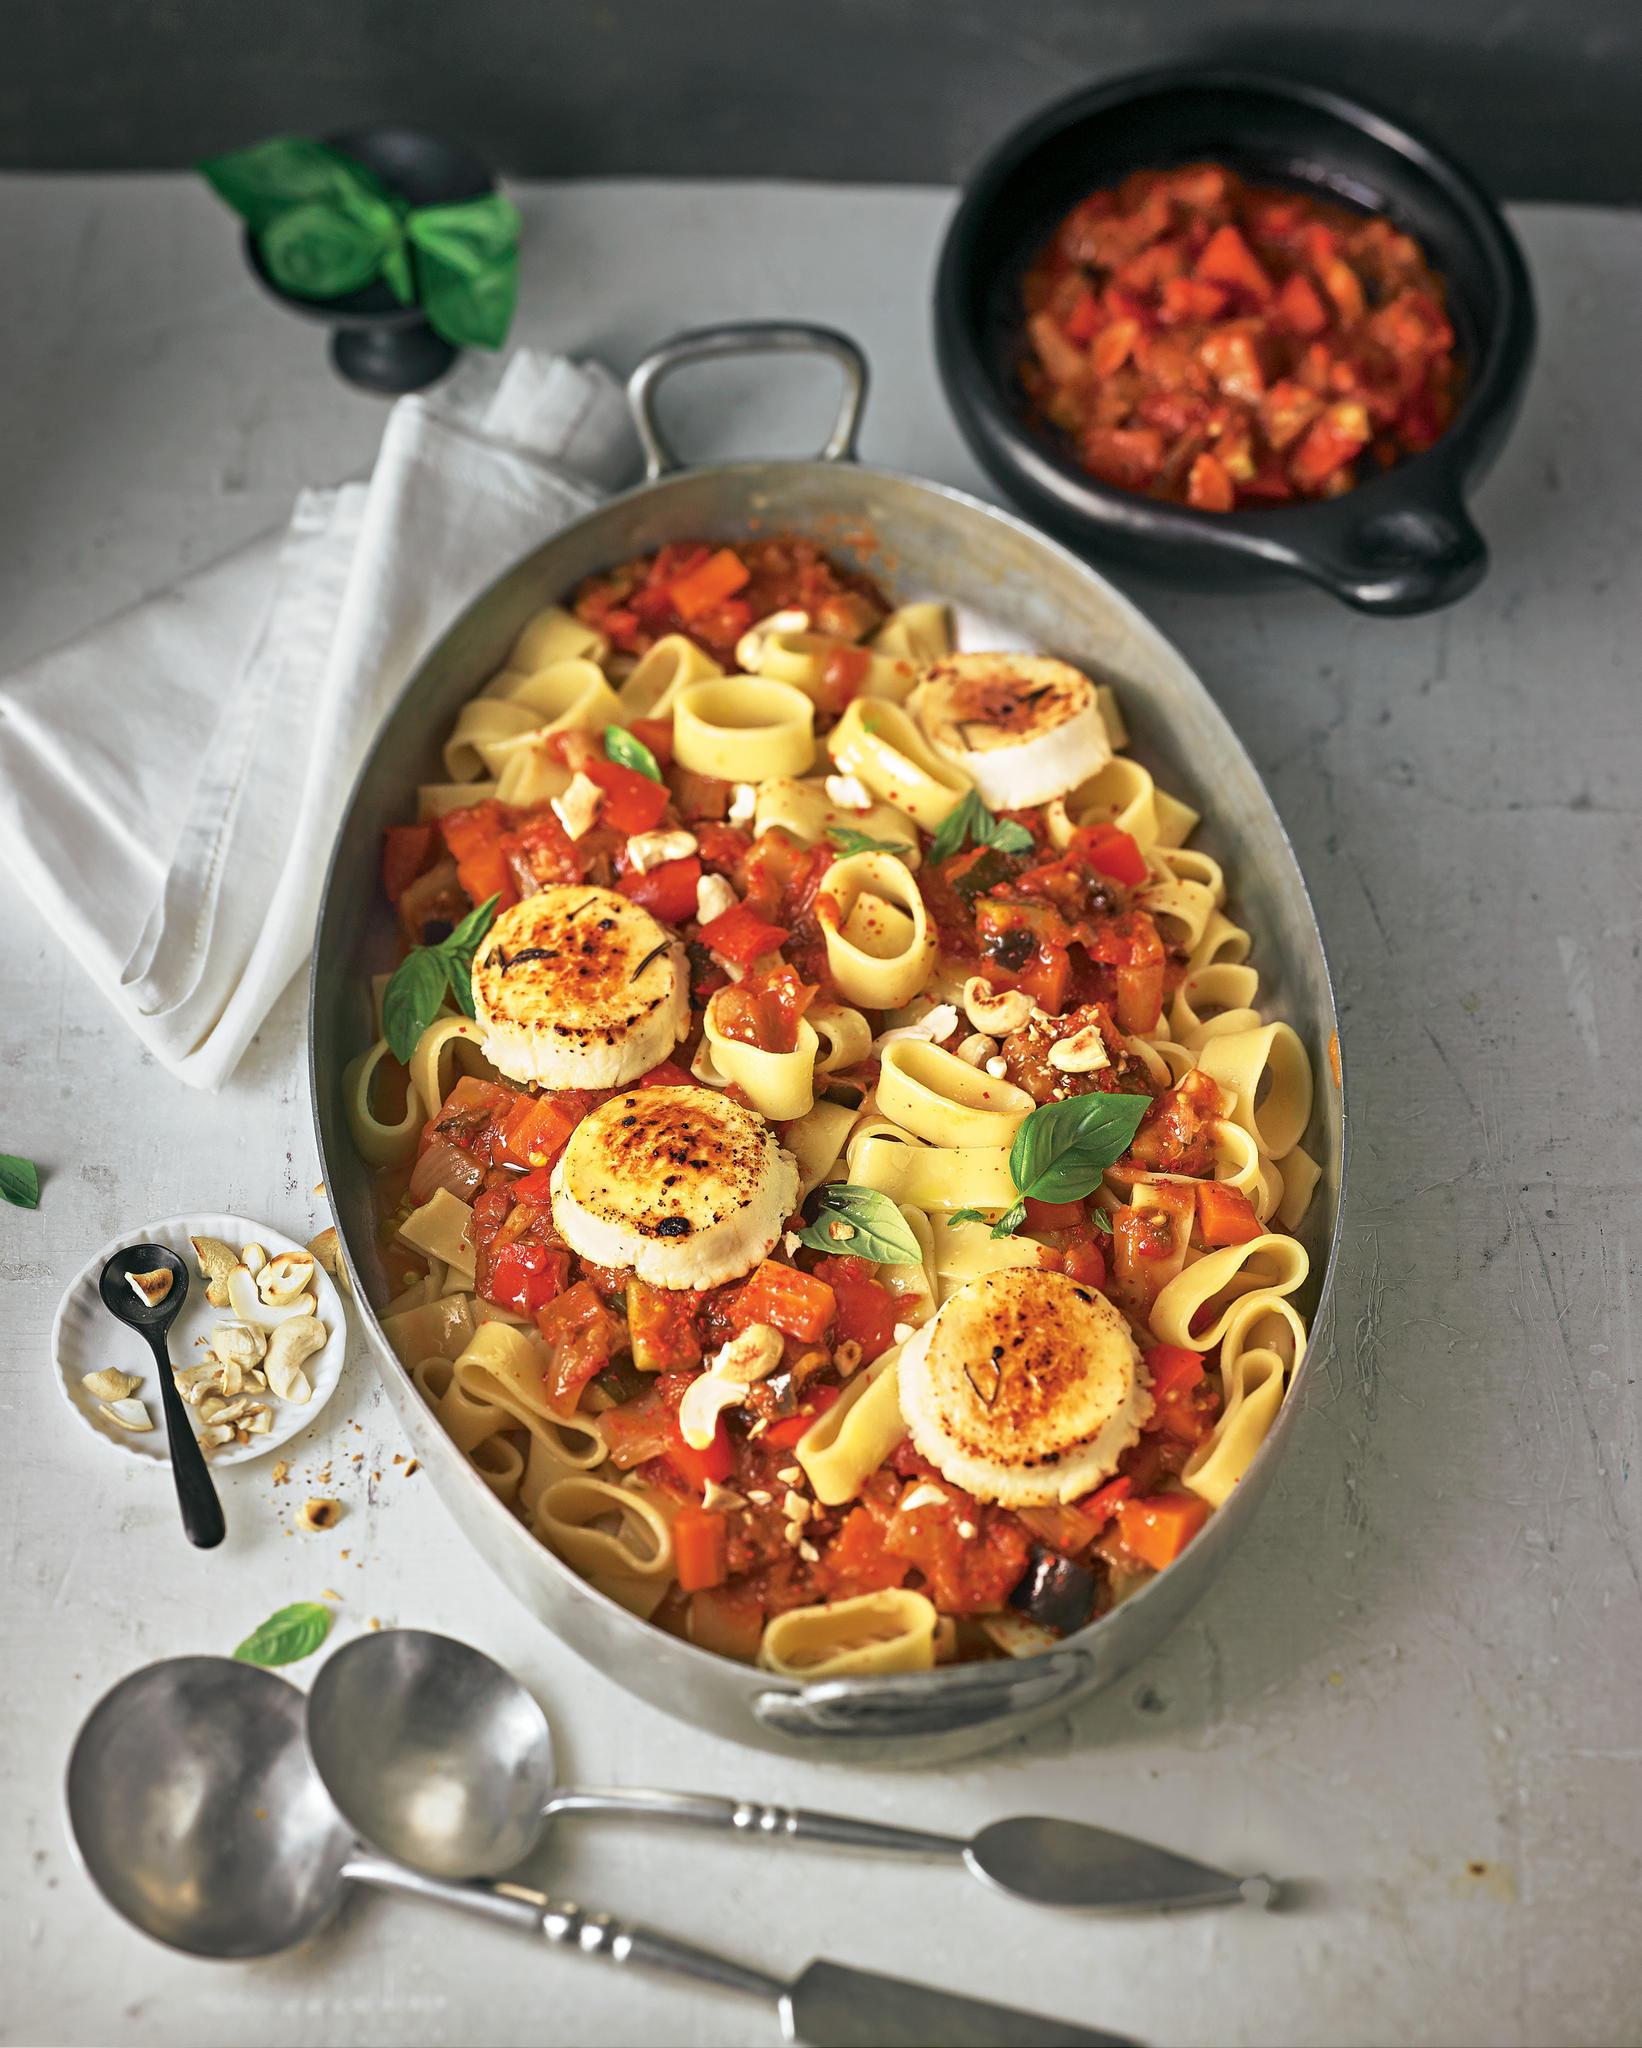 nudeln vegetarische pasta rezepte f r genie erinnen. Black Bedroom Furniture Sets. Home Design Ideas